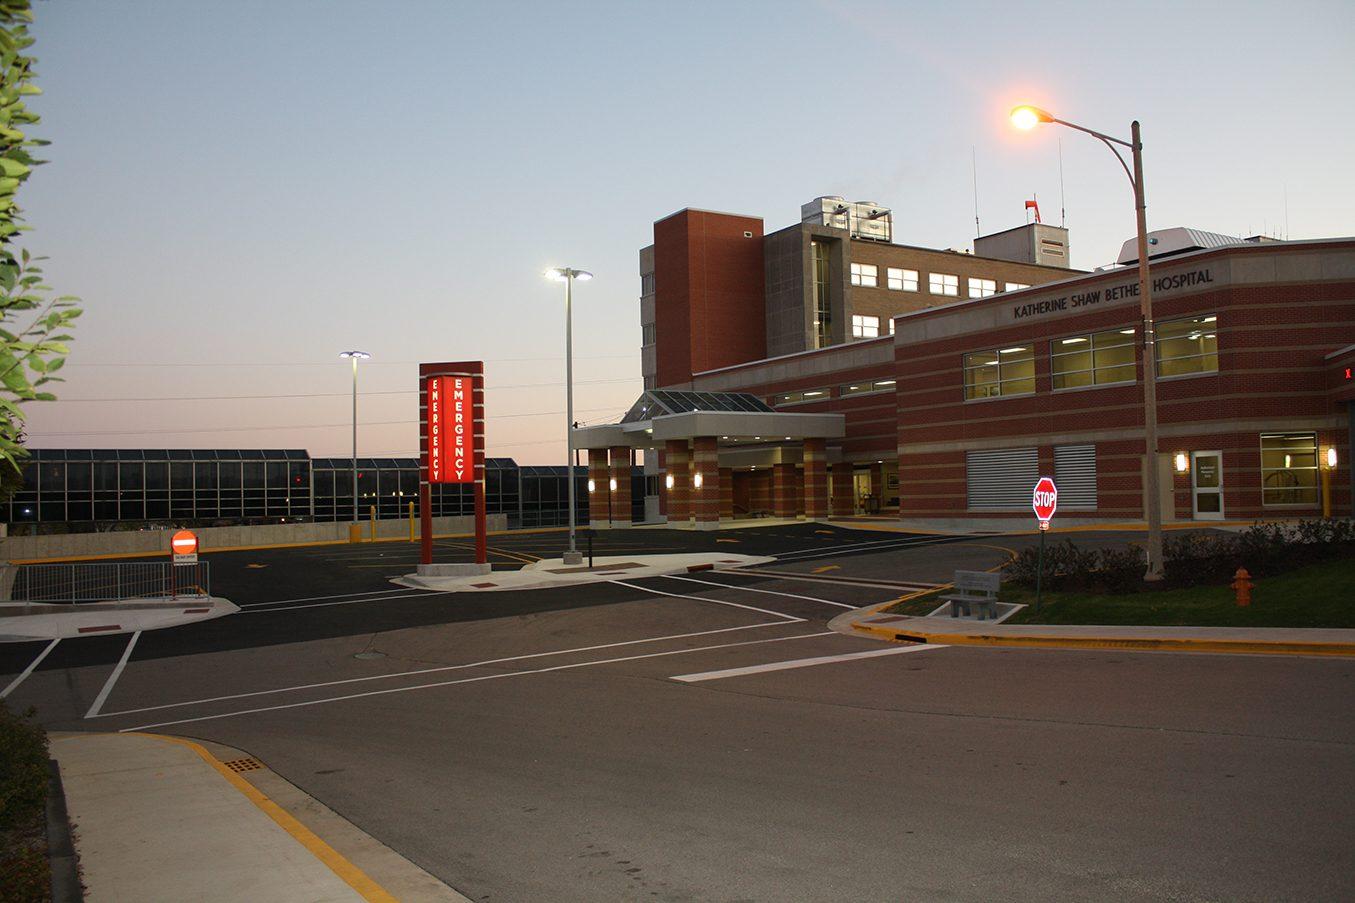 KSB Hospital Parking Lot Expansion